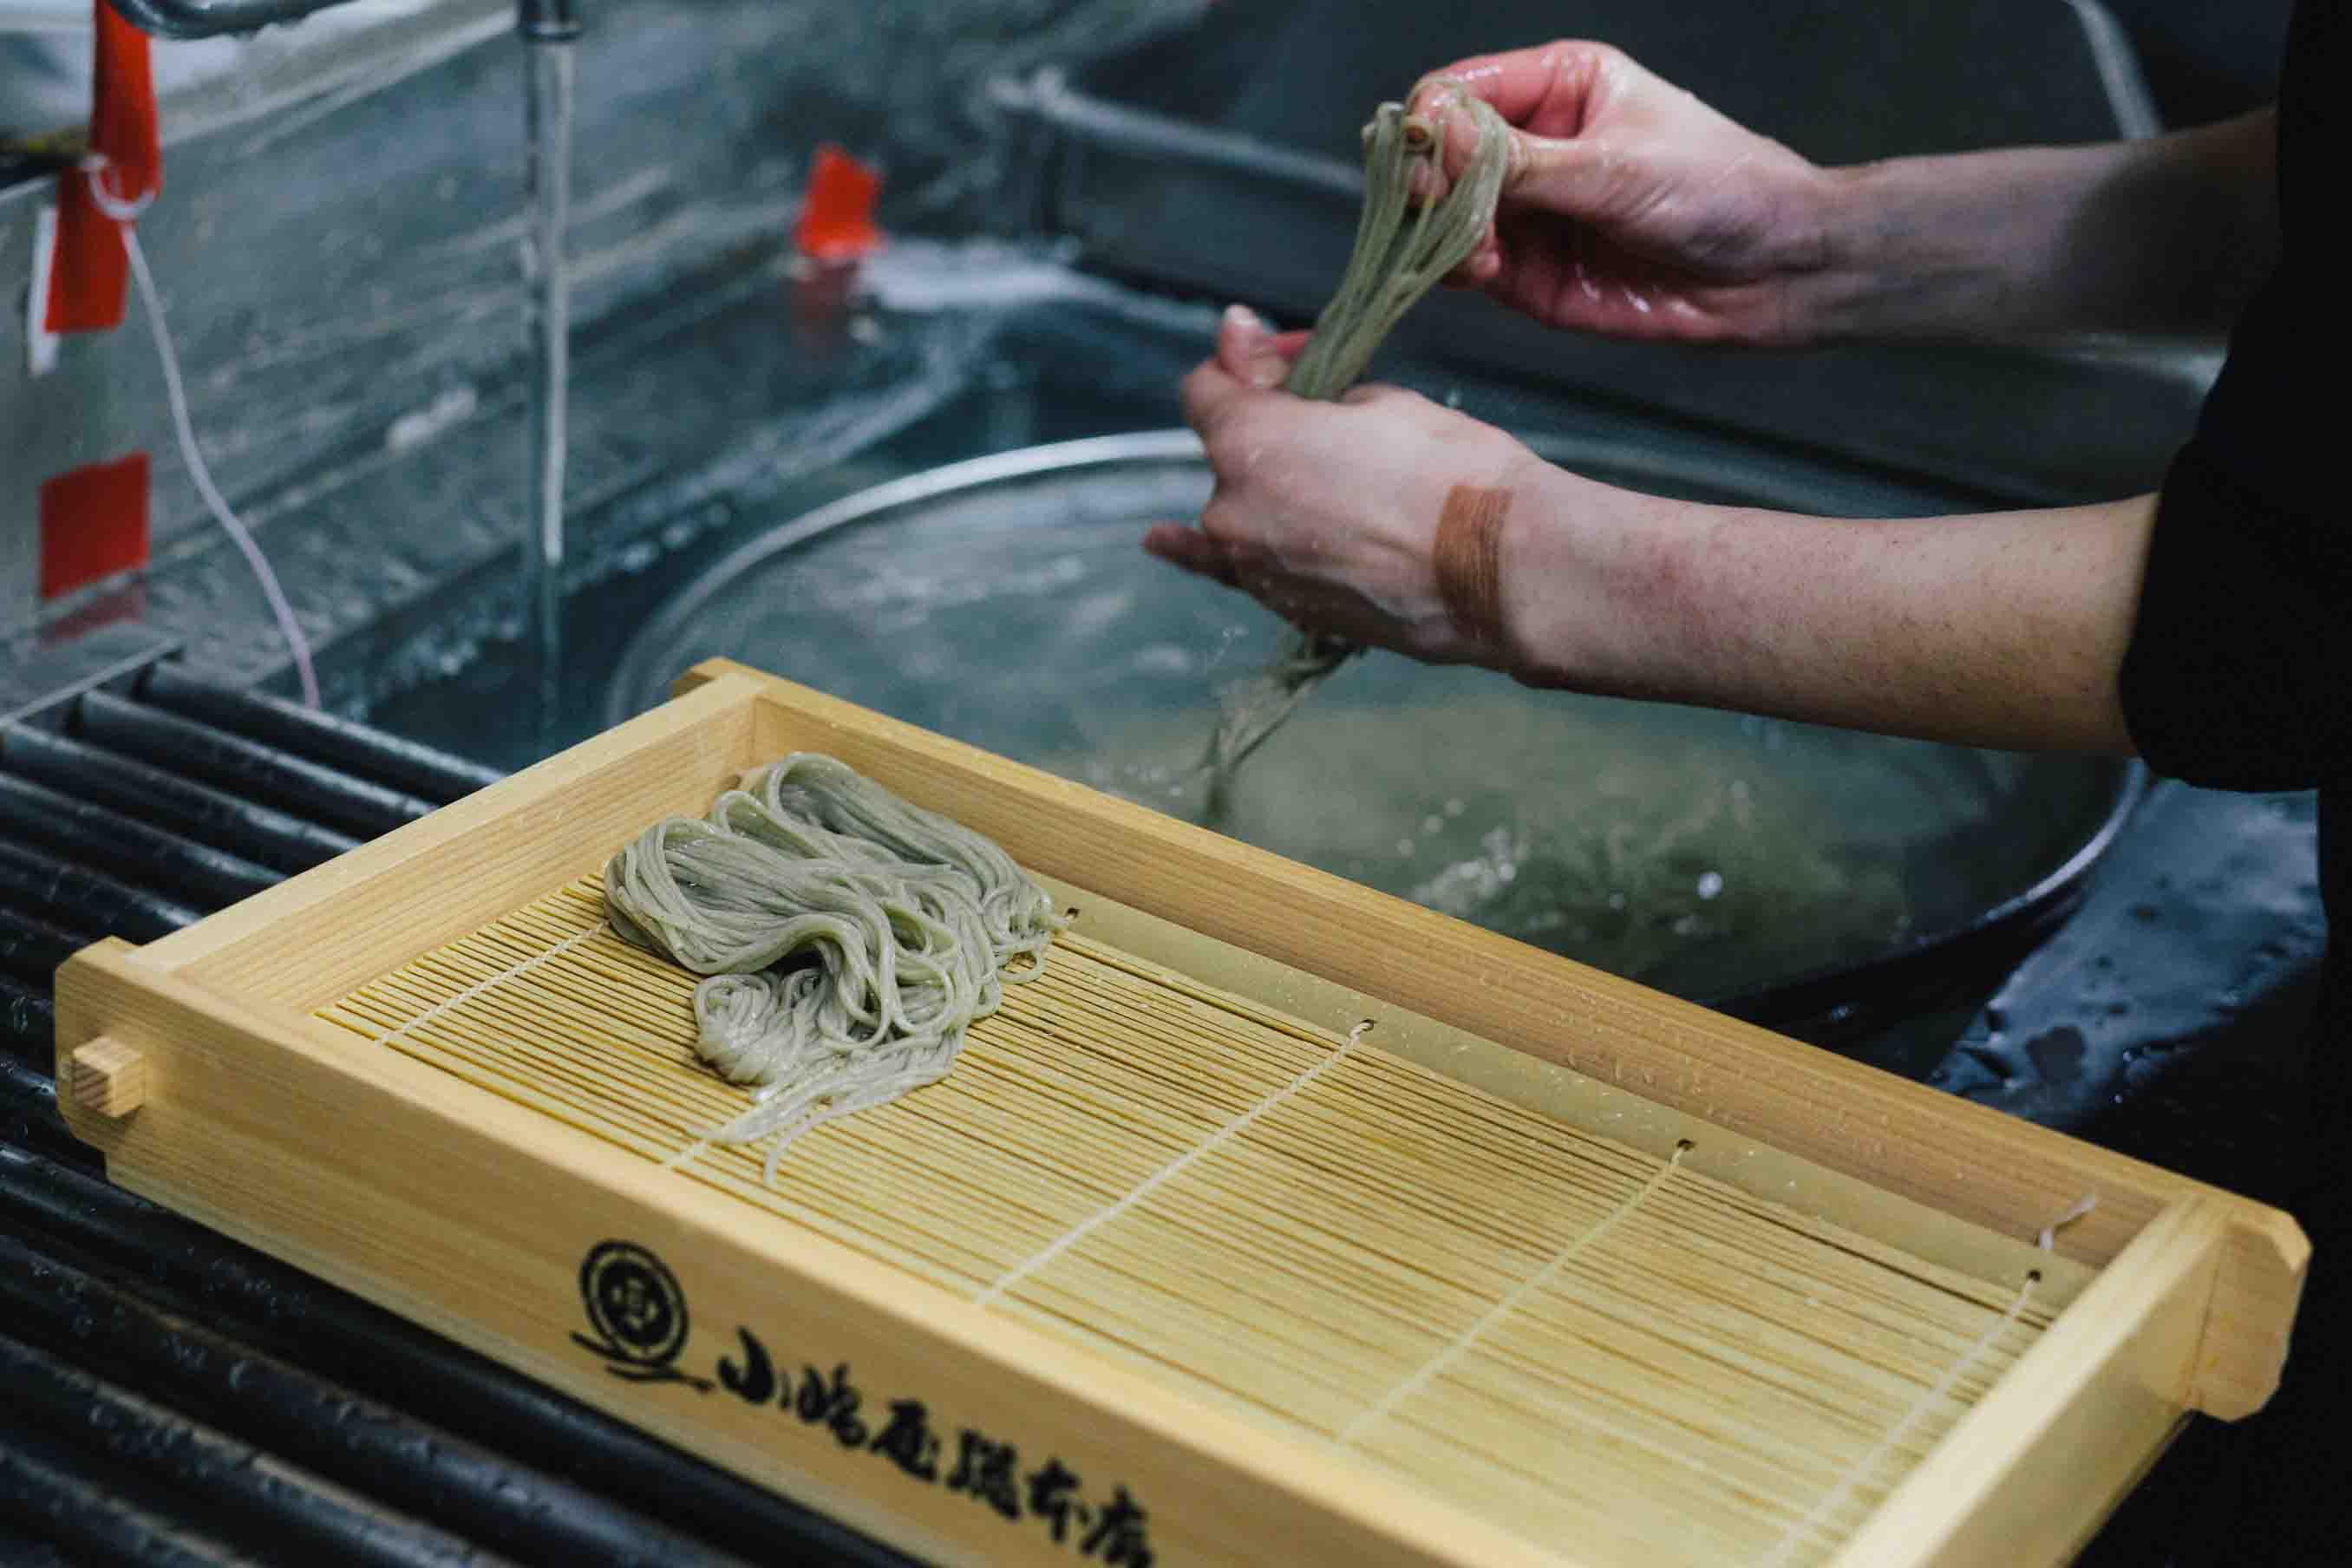 手を振りながら、水から揚げたそばを束ね、八の字に盛り付けます。この様子は、まるで糸を手繰るような動作です